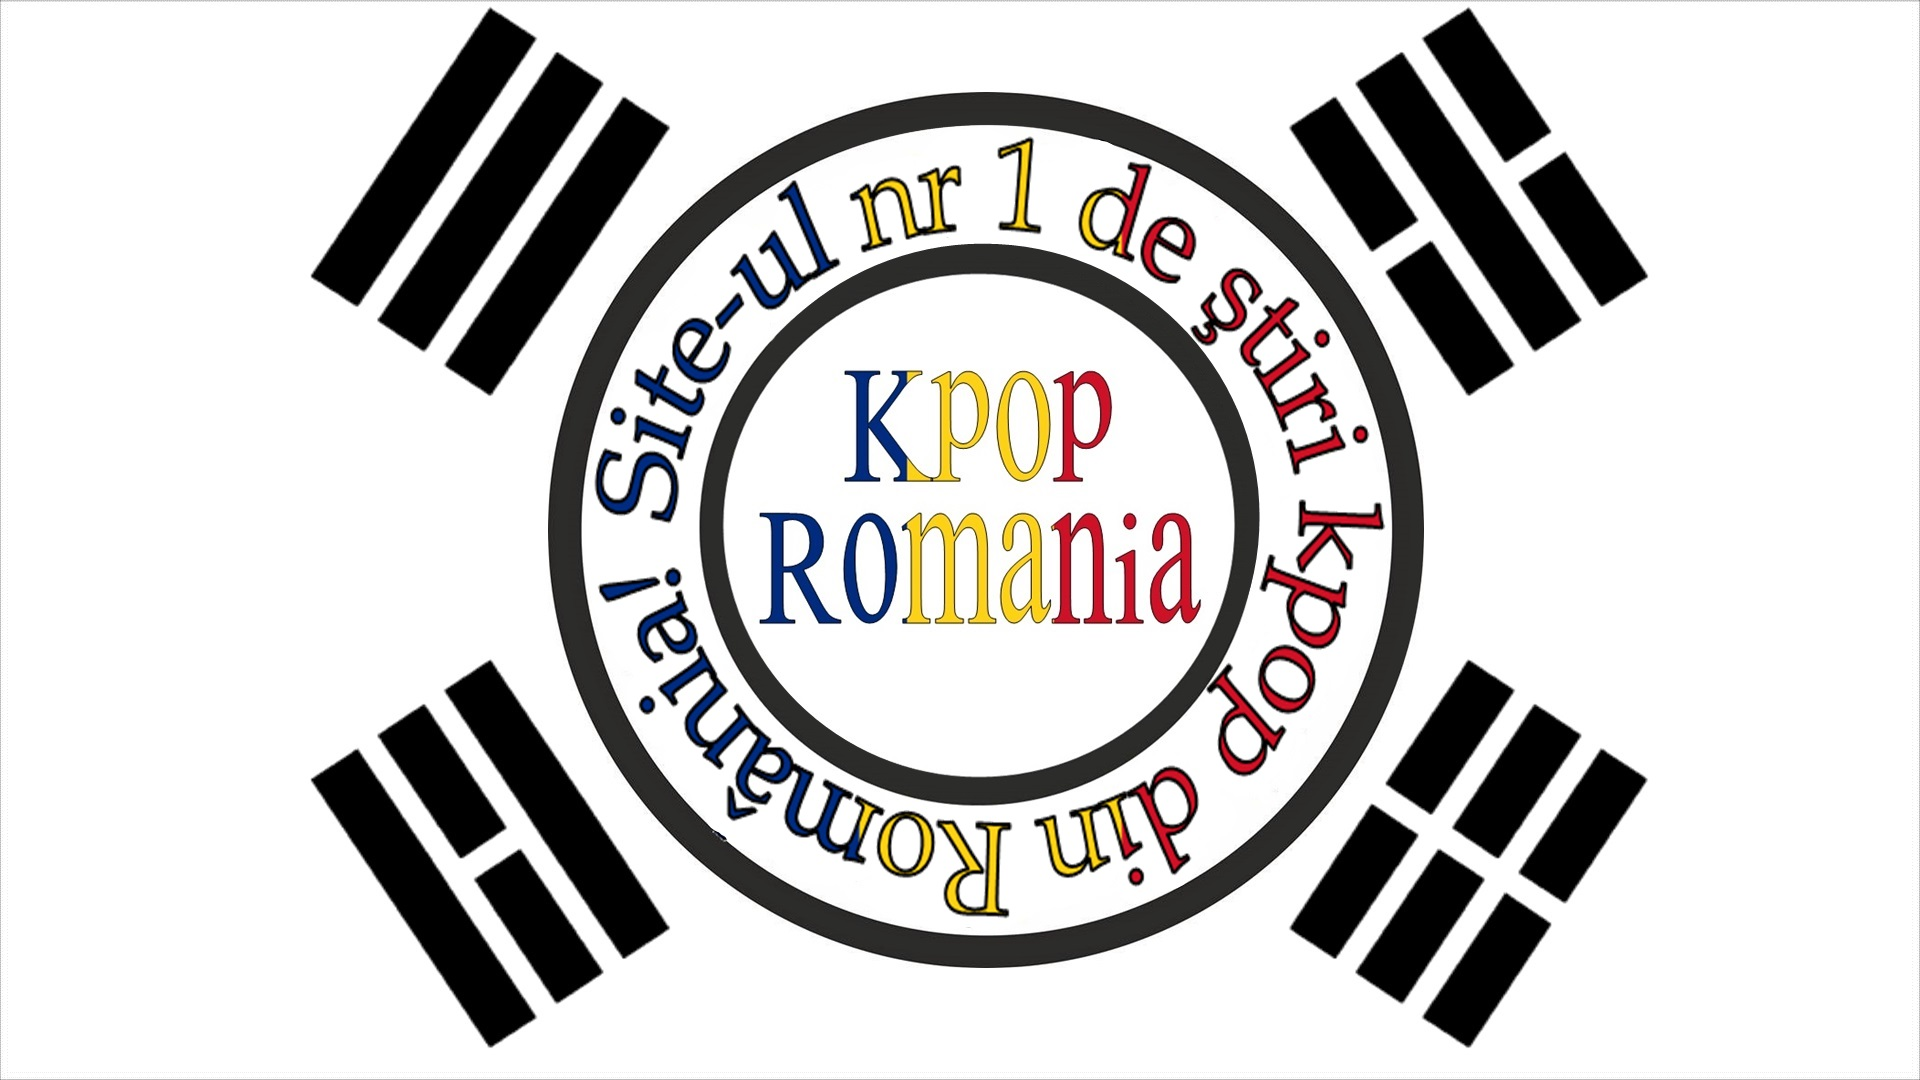 Imagini pentru kpop romania